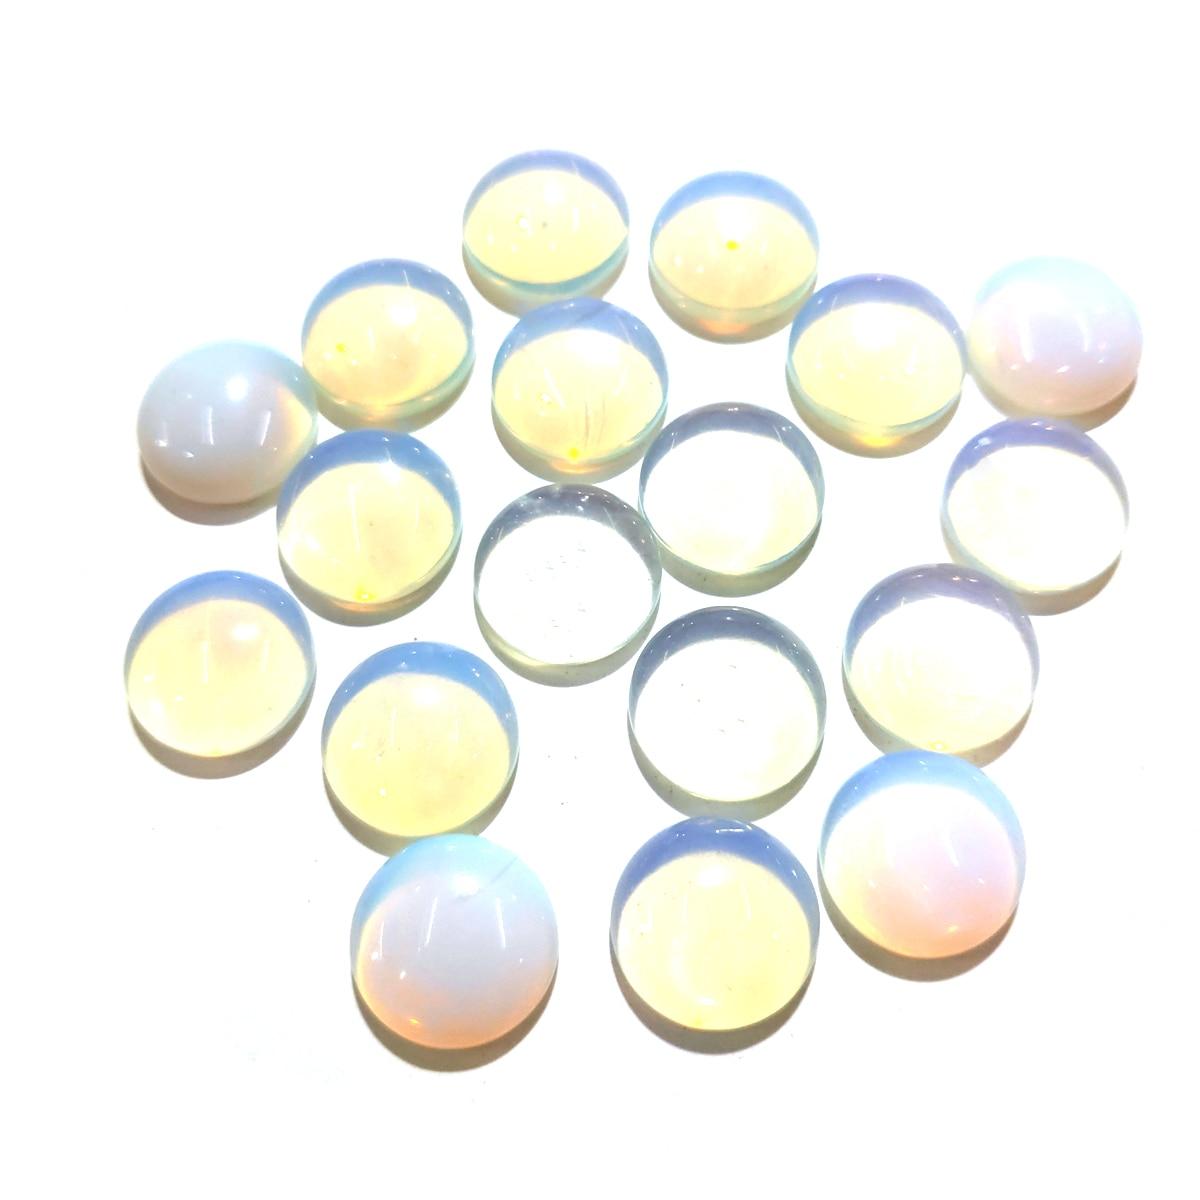 20 piezas piedras naturales ópalo Jade piedra cabujón sin agujero cuentas para hacer joyas DIY anillo accesorios cuentas sueltas